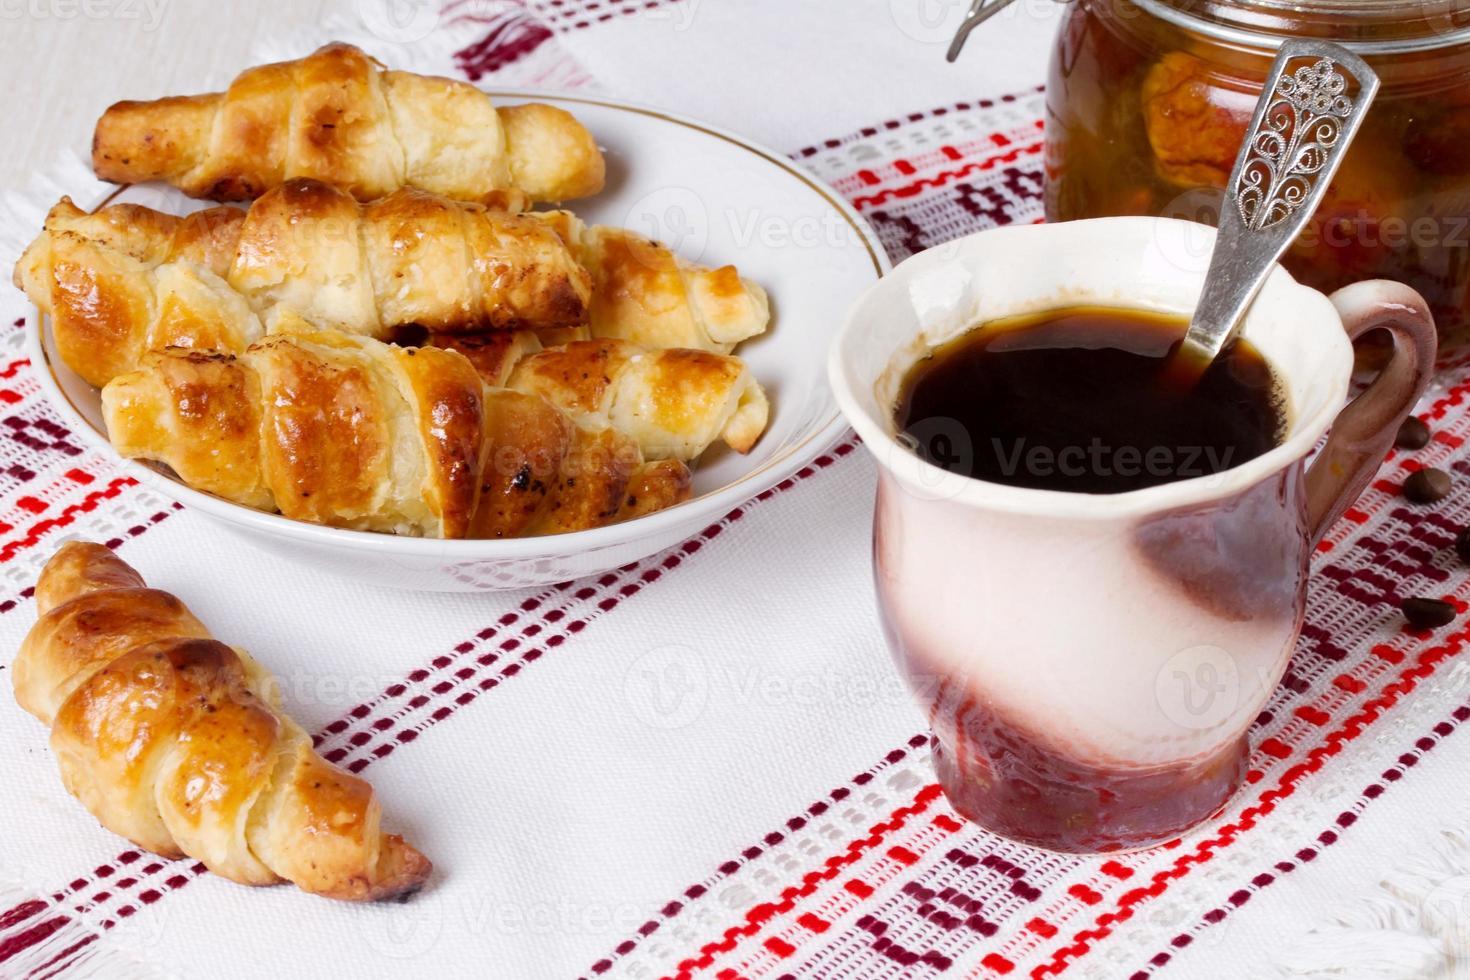 café da manhã francês - café e croissants foto